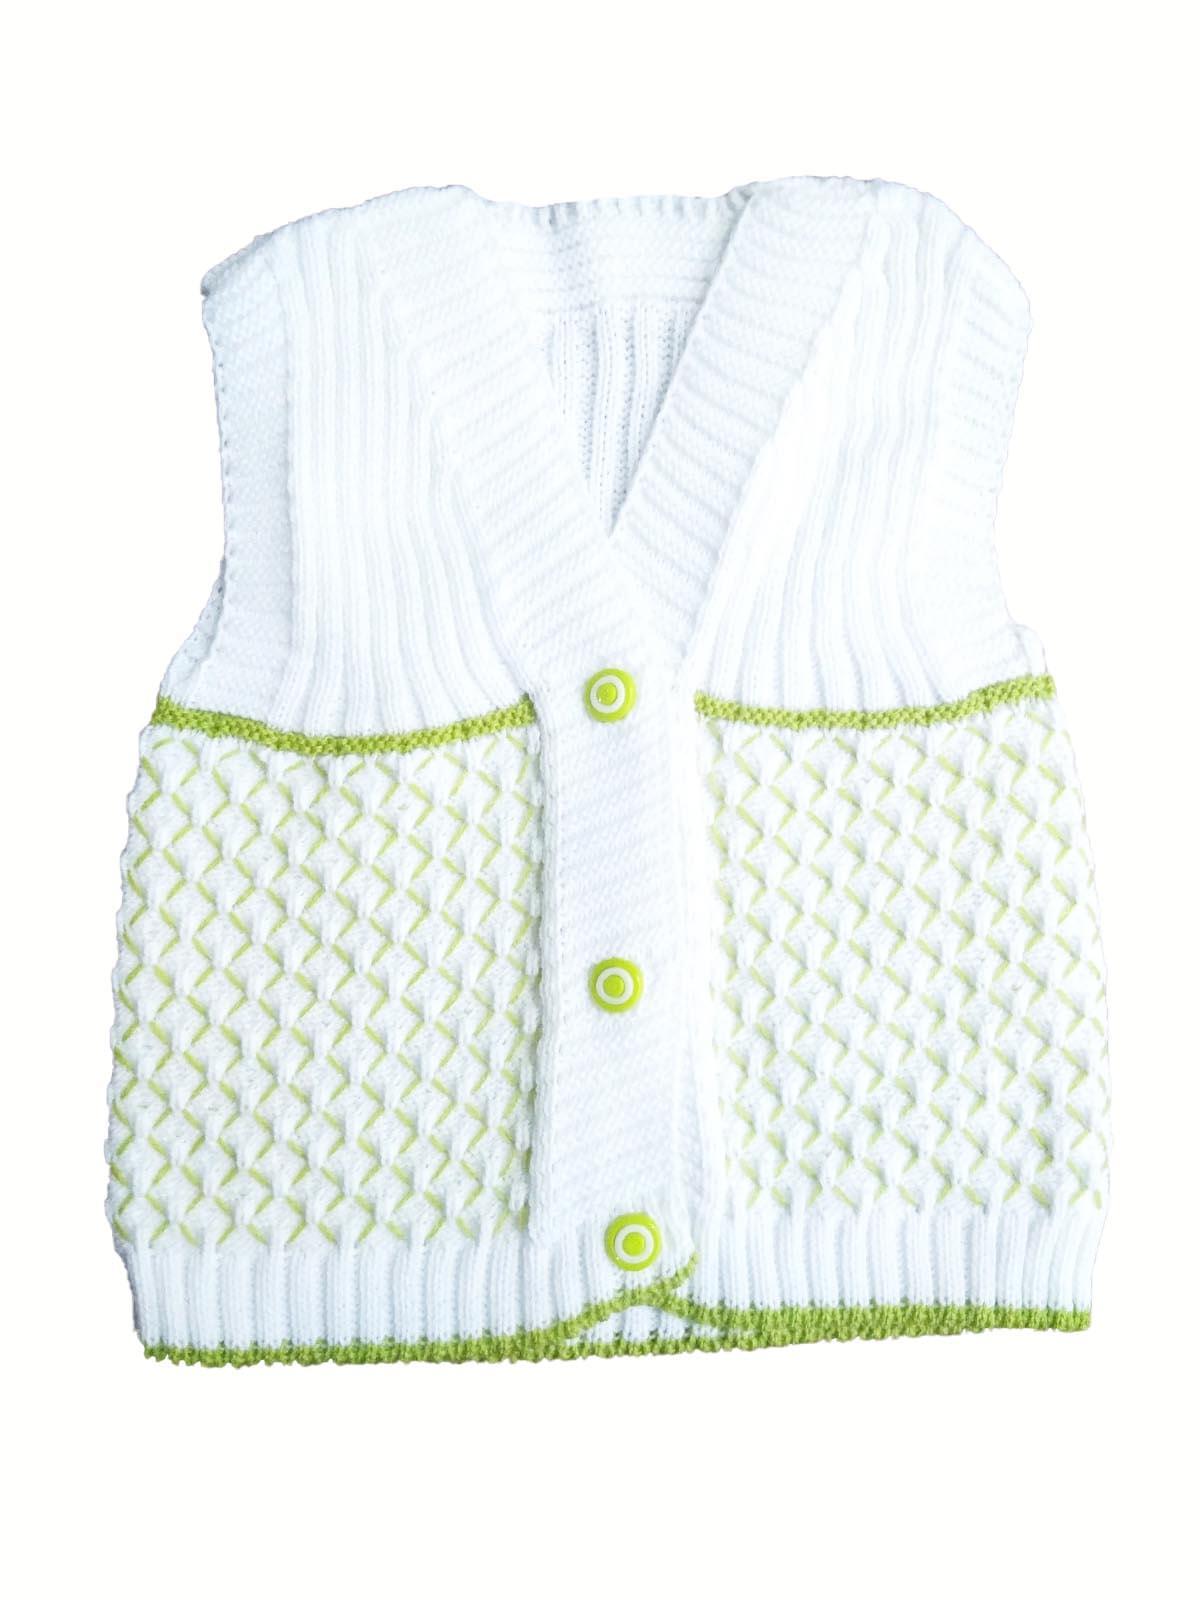 1 Yaş Bebek Kolsuz Yelek Fıstık Yeşili Bebek Yelek